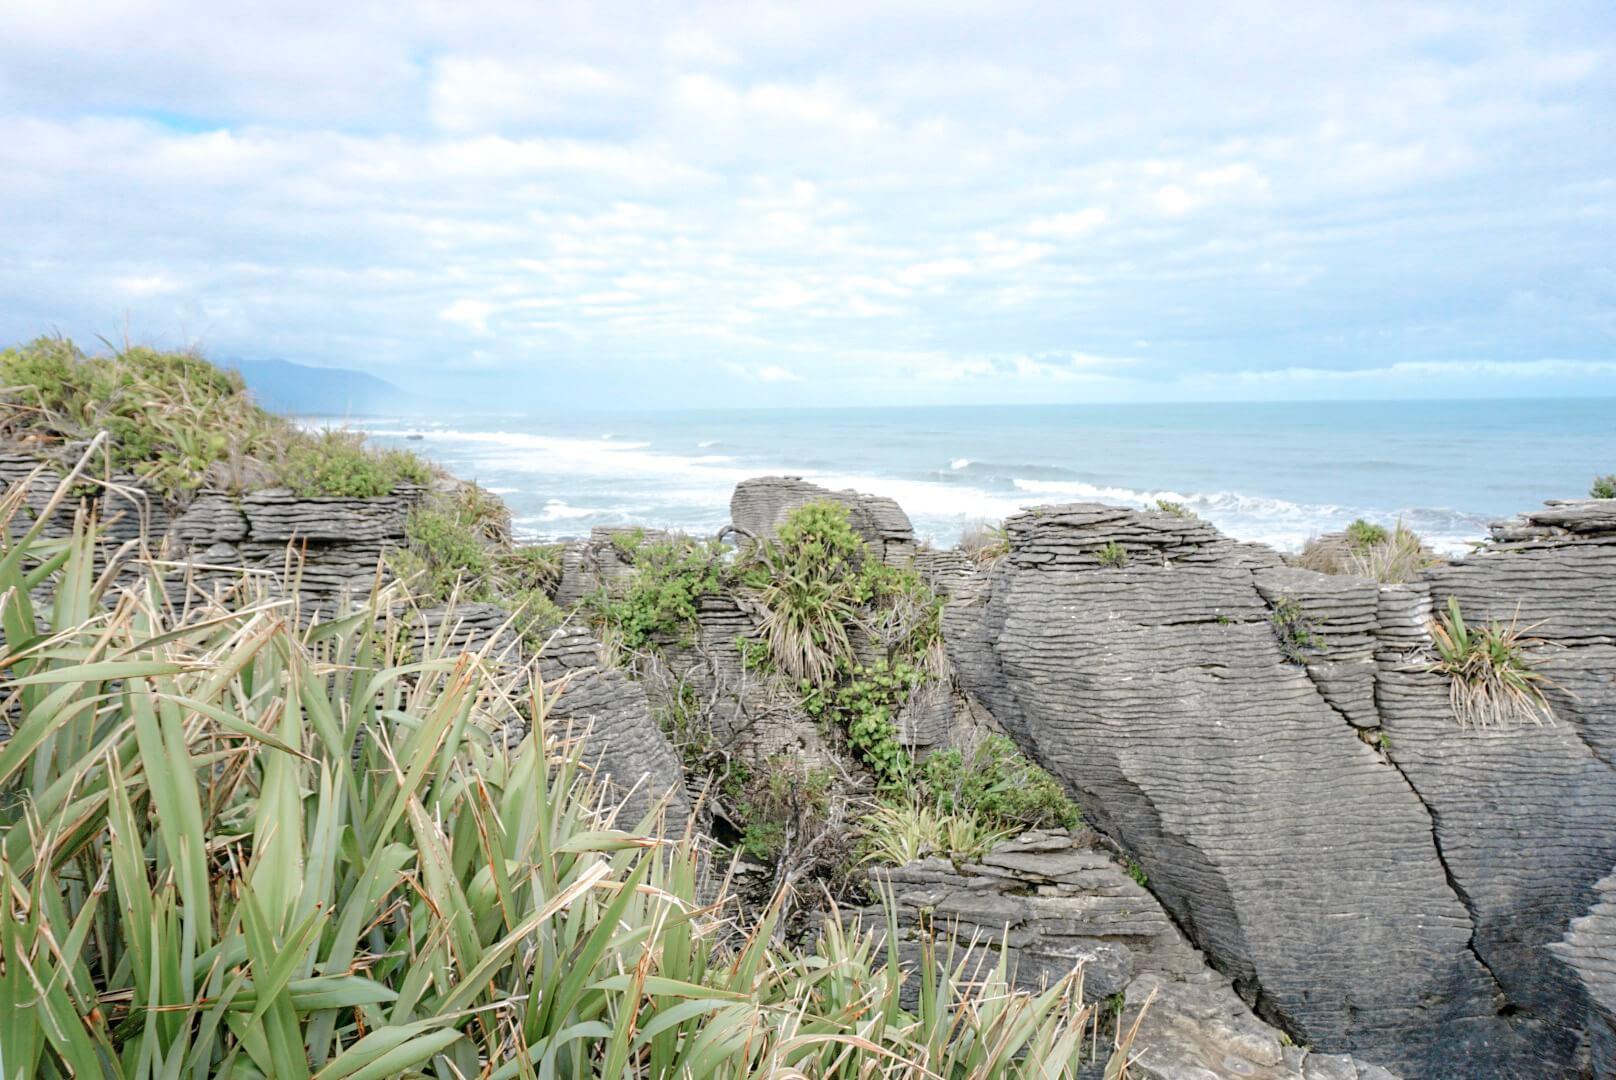 visiter les panacakes rocks c'est gratuit